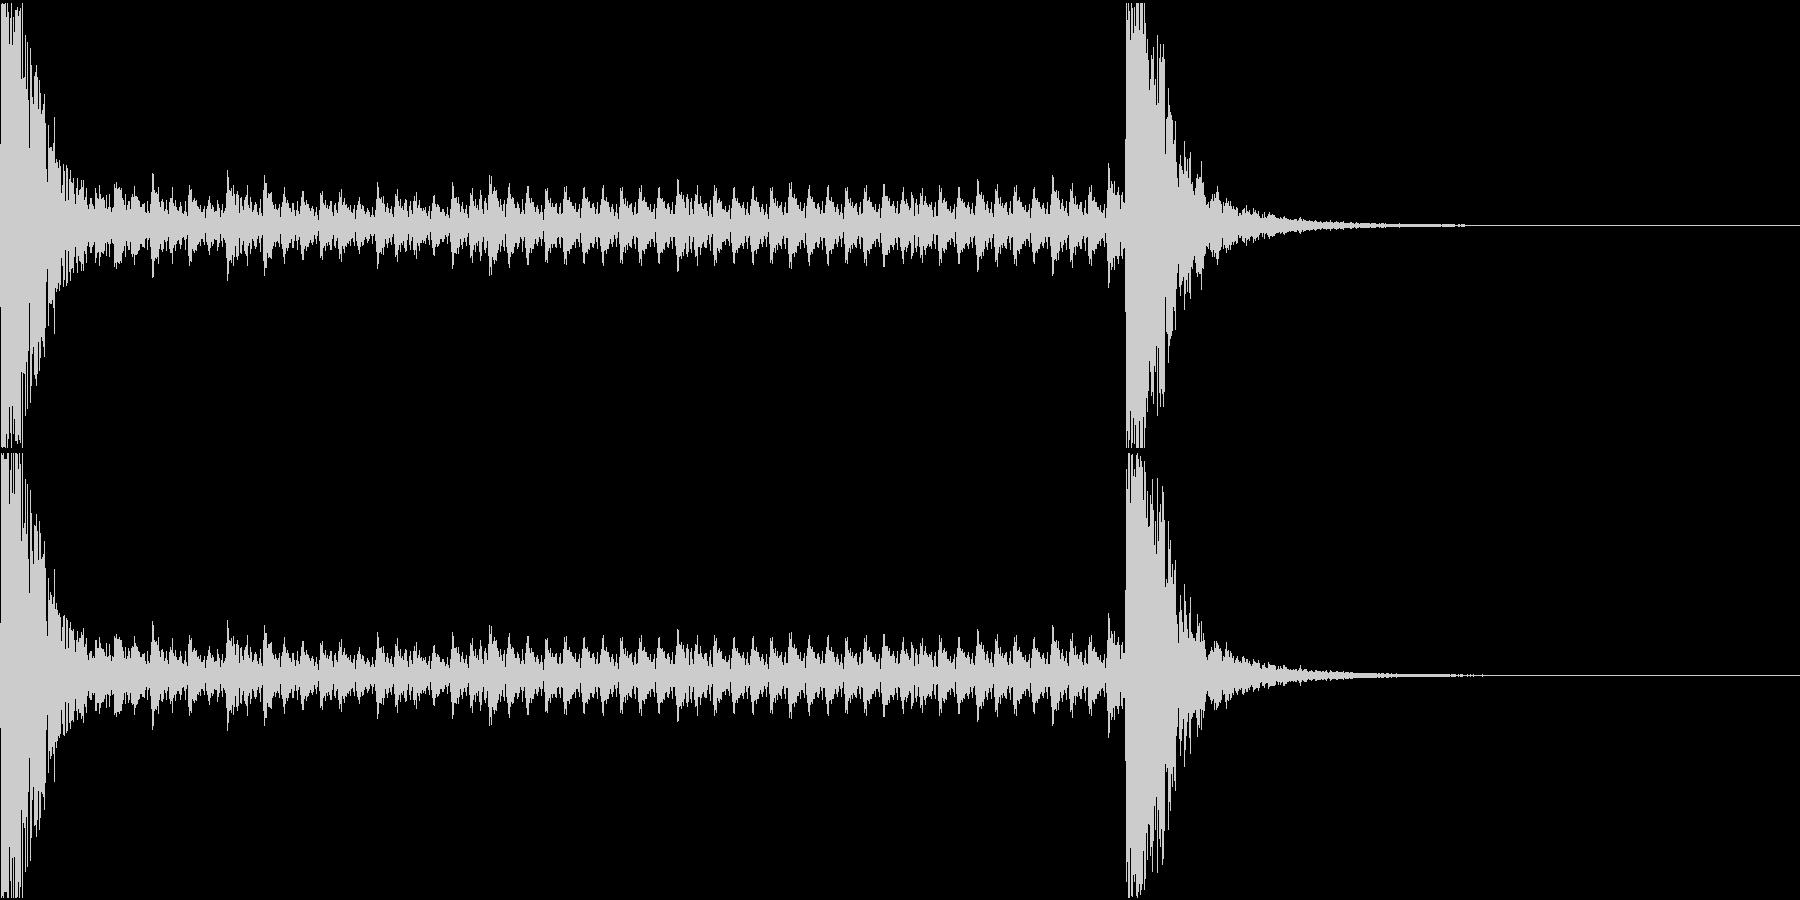 和風ドラムロール[和太鼓、鼓]10秒_1の未再生の波形